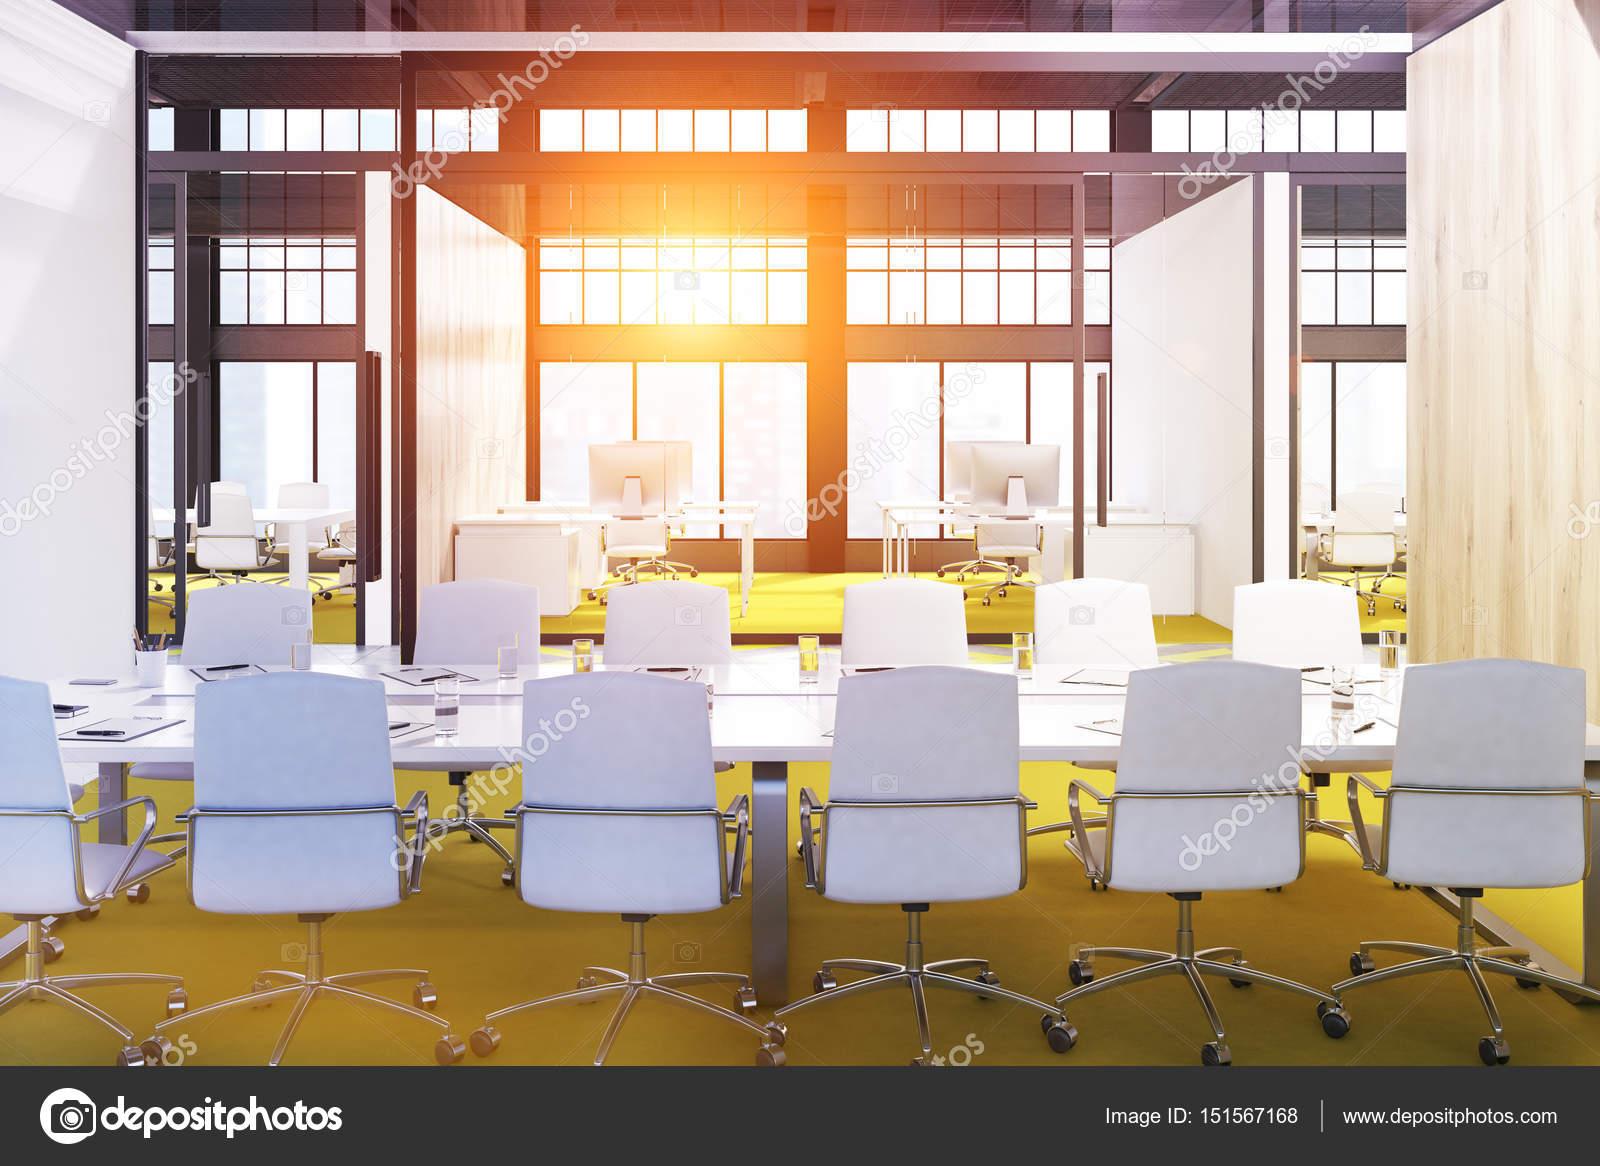 Exceptional Konferenz Innenraum Mit Einer Gelben Boden, Ein Langer Tisch Und Eine Reihe  Von Weißen Stühlen Stehend Entlang. 3D Rendering, Getönten Bild U2014 Foto Von  ...